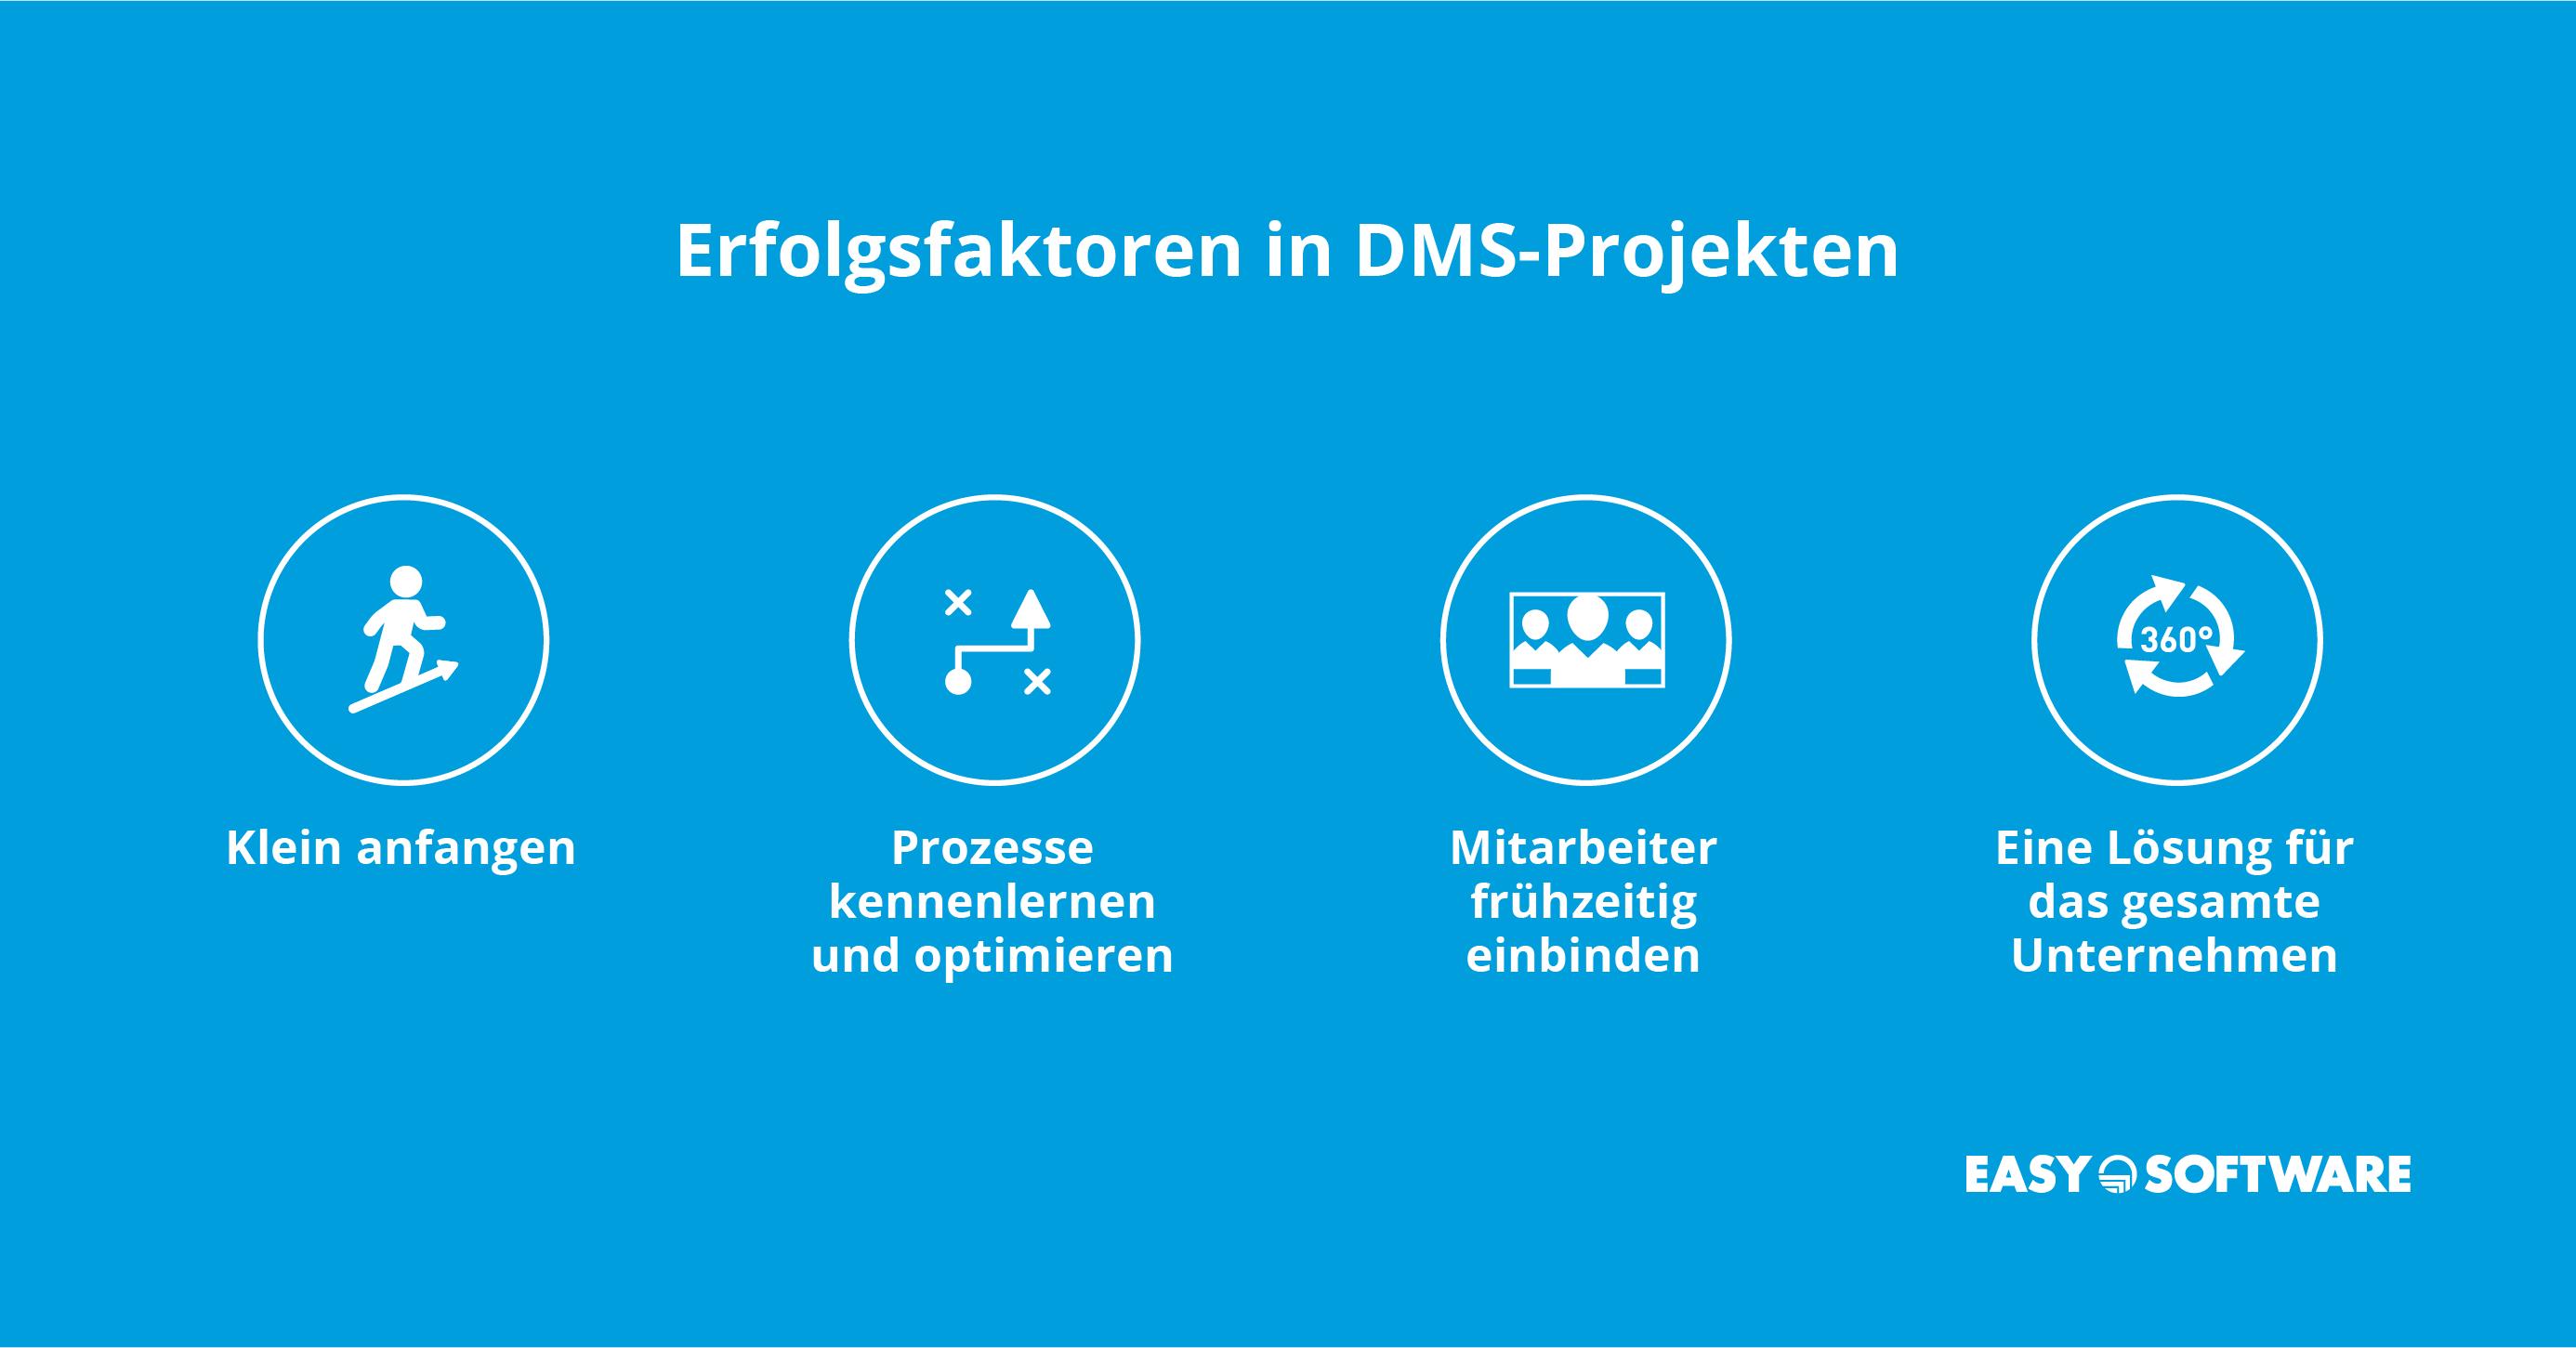 Erfolgsfaktoren bei DMS-Projekten